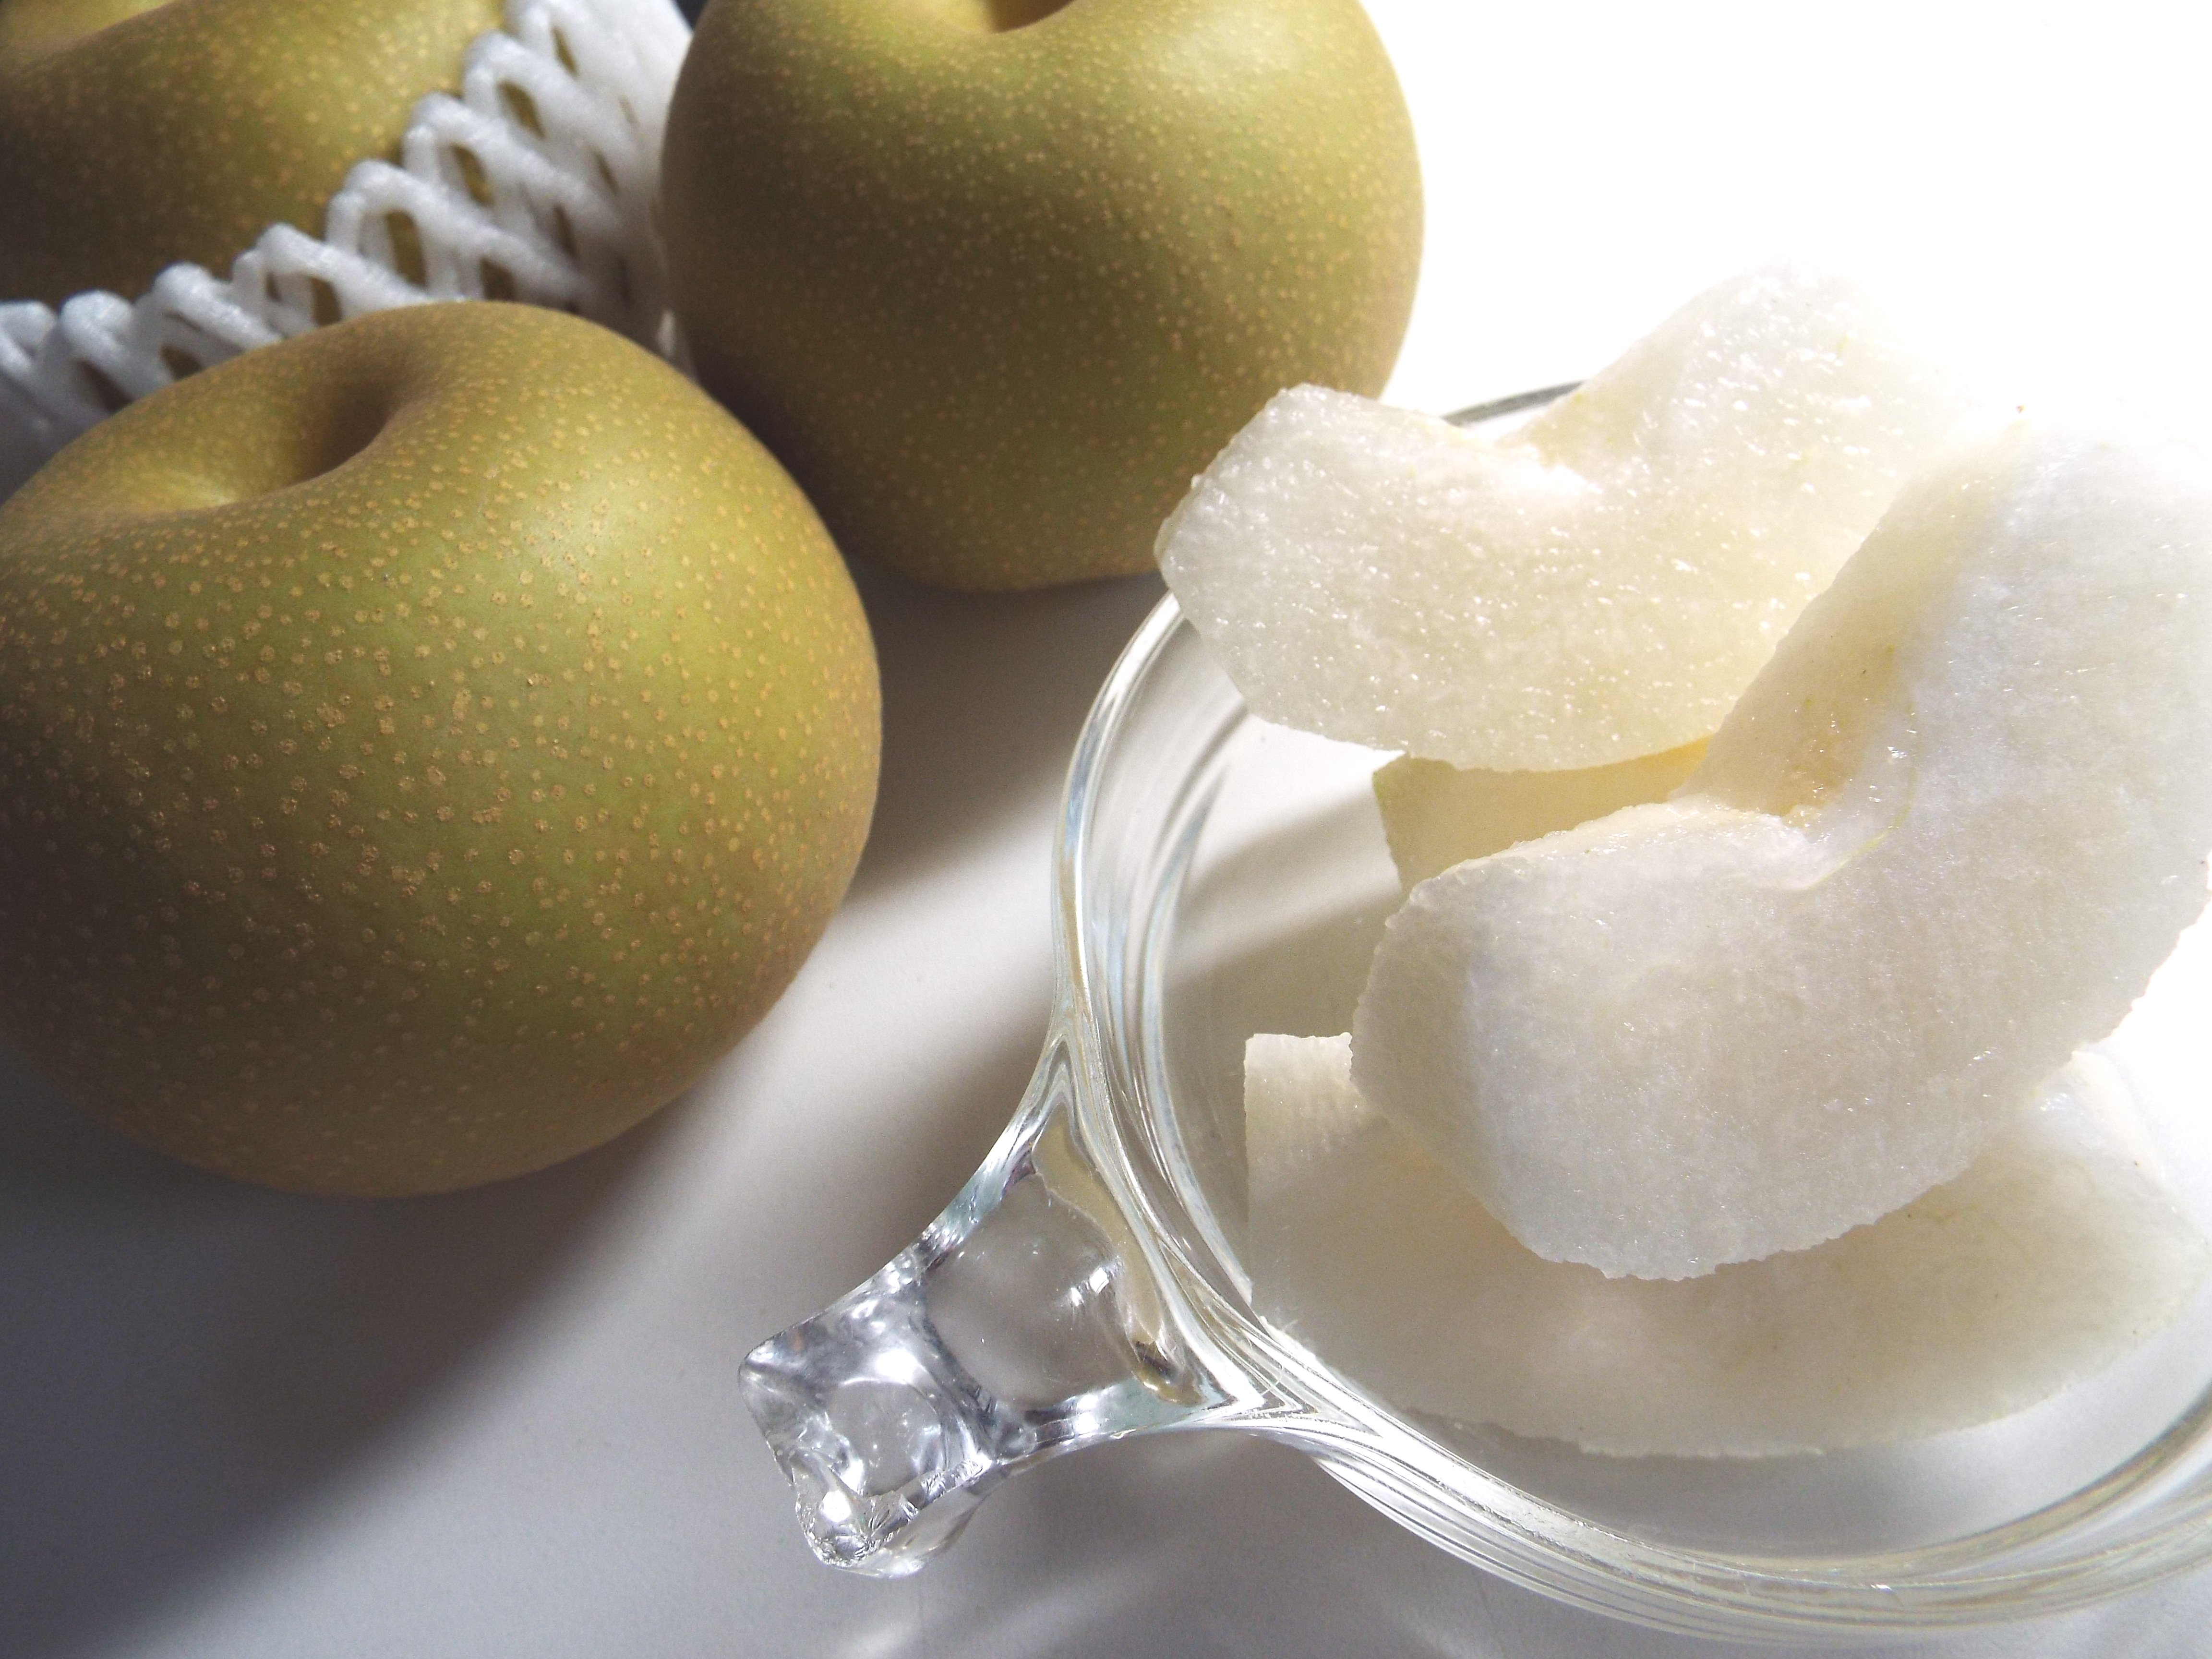 【全国どこでも送料無料!】化学肥料を使わない果物づくり!フルーツファームこんの梨お手軽3kg♪